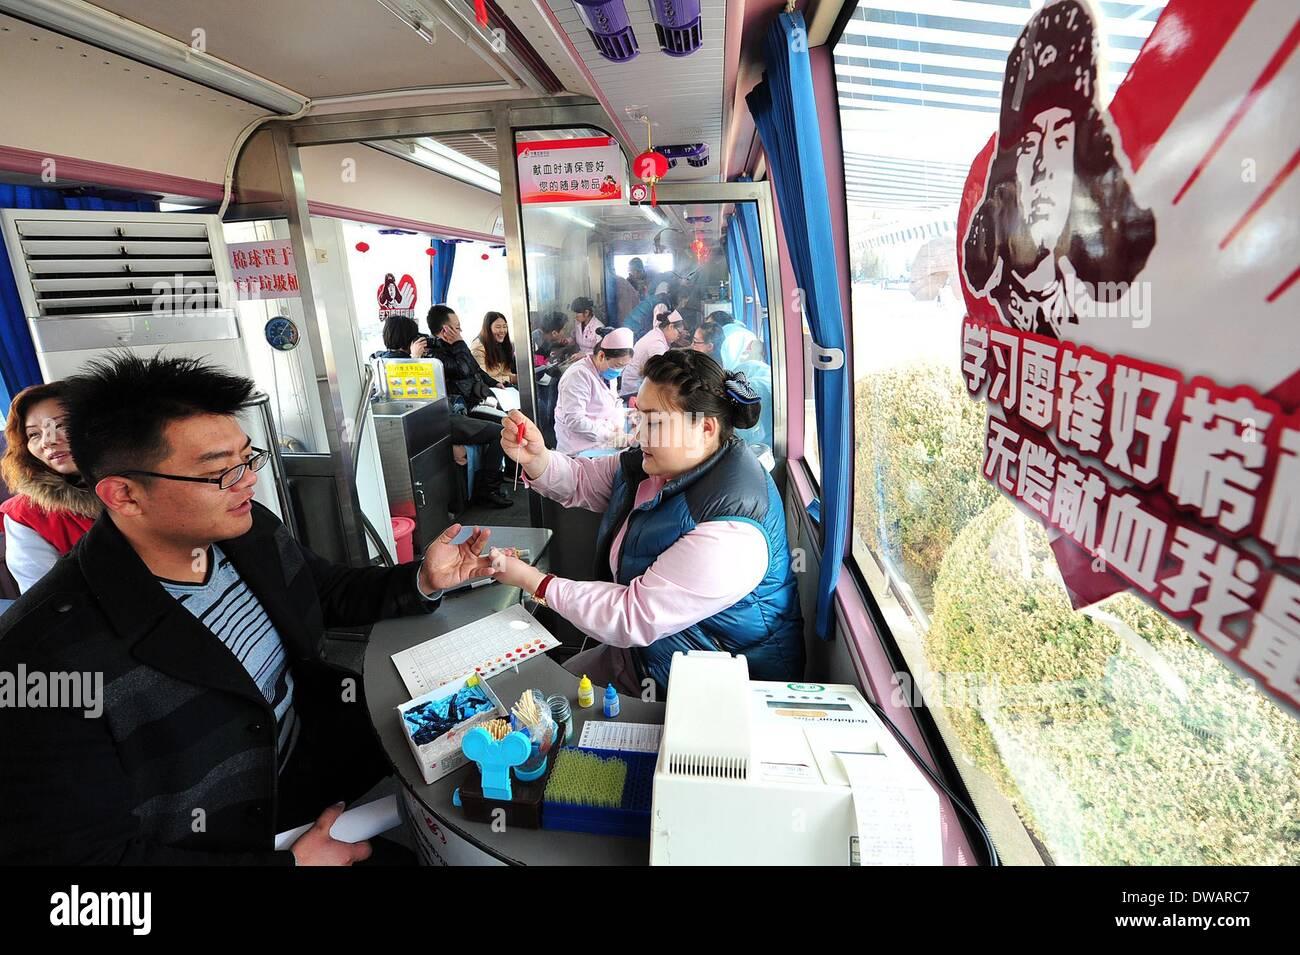 """Yinchuan, soldato cinese negli anni sessanta. Il 15 agosto, 1962. Un giovane uomo dona il sangue a Yinchuan, capitale del nord-ovest della Cina di Ningxia Hui Regione autonoma, 5 marzo 2014, in occasione della """"Lei Feng's Day"""", che cade il 5 marzo di ogni anno. Lei, un giovane soldato cinese negli anni sessanta, è noto per aver dedicato quasi tutto il suo tempo di ricambio e denaro per aiutare disinteressatamente i bisognosi. Egli è morto dopo essere stato colpito da una caduta di pole mentre aiutando un compagno soldato dirigere un carrello su 15 Agosto 1962. Credito: Peng Zhaozhi/Xinhua/Alamy Live News Immagini Stock"""